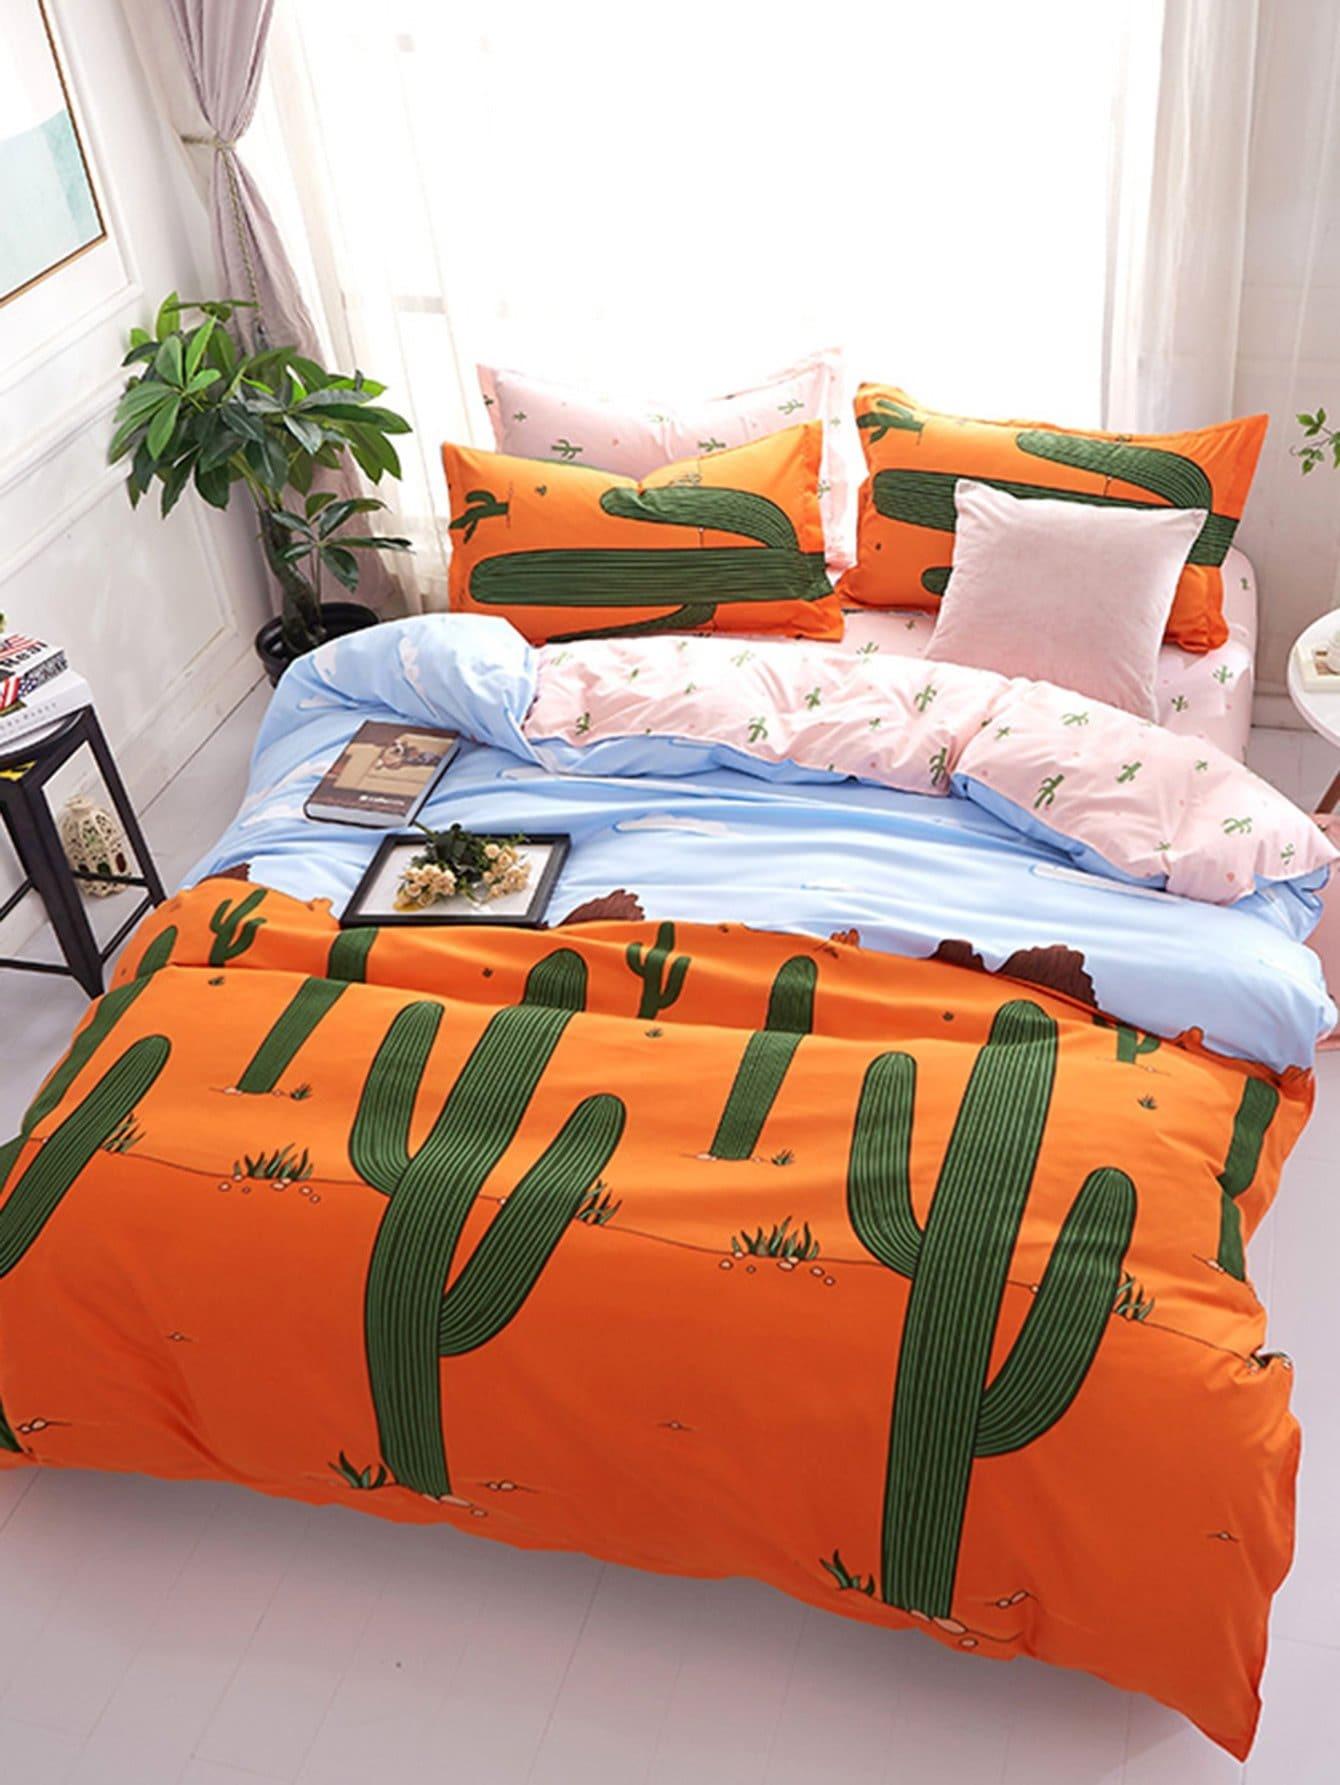 Купить Комплект для кровати с принтом кактуса, null, SheIn